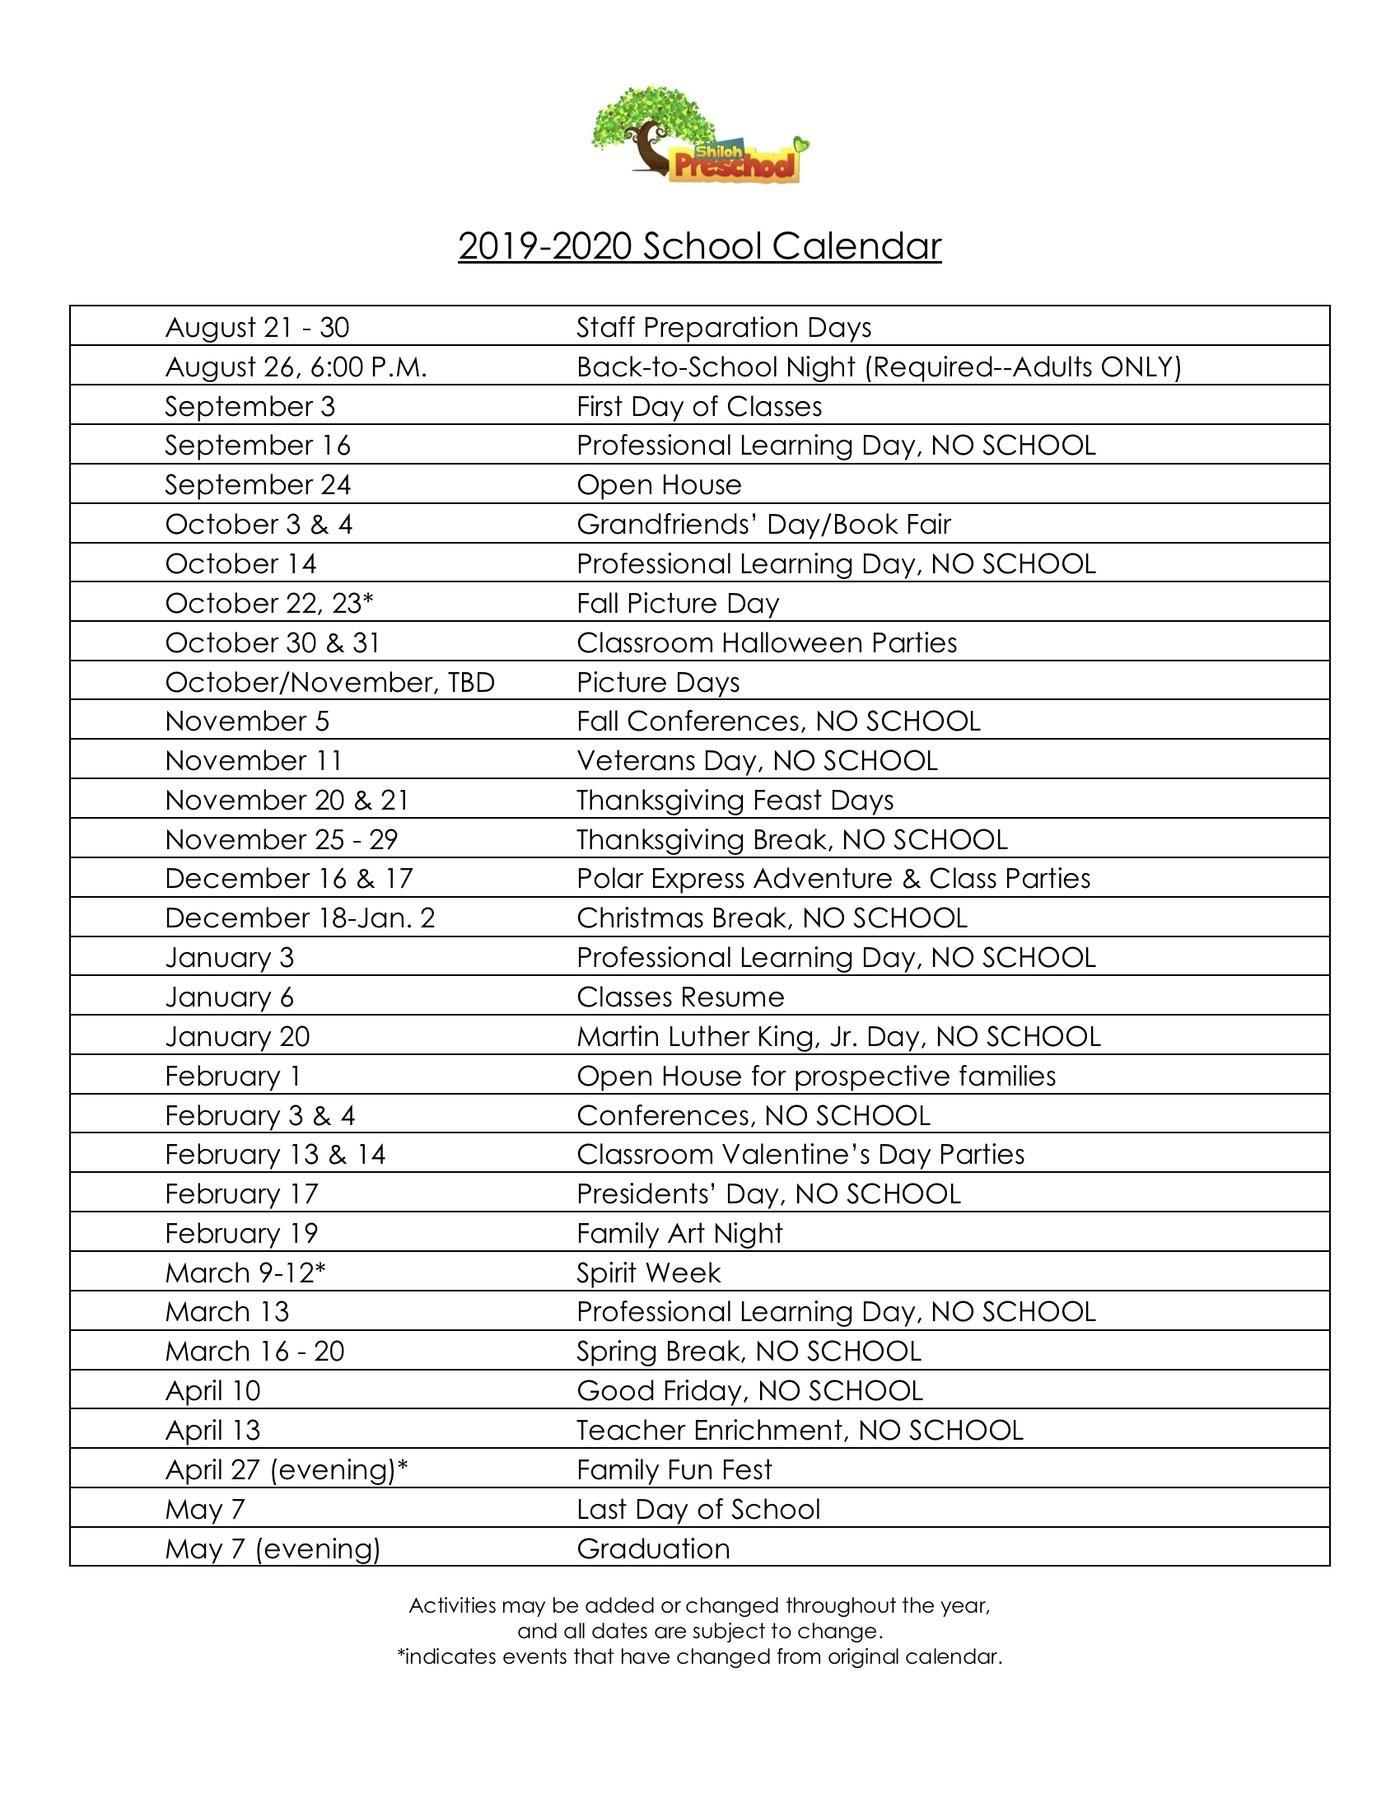 Methodist 2021 Calendar - Template Calendar Design  Liturgical Year Methodist 2021